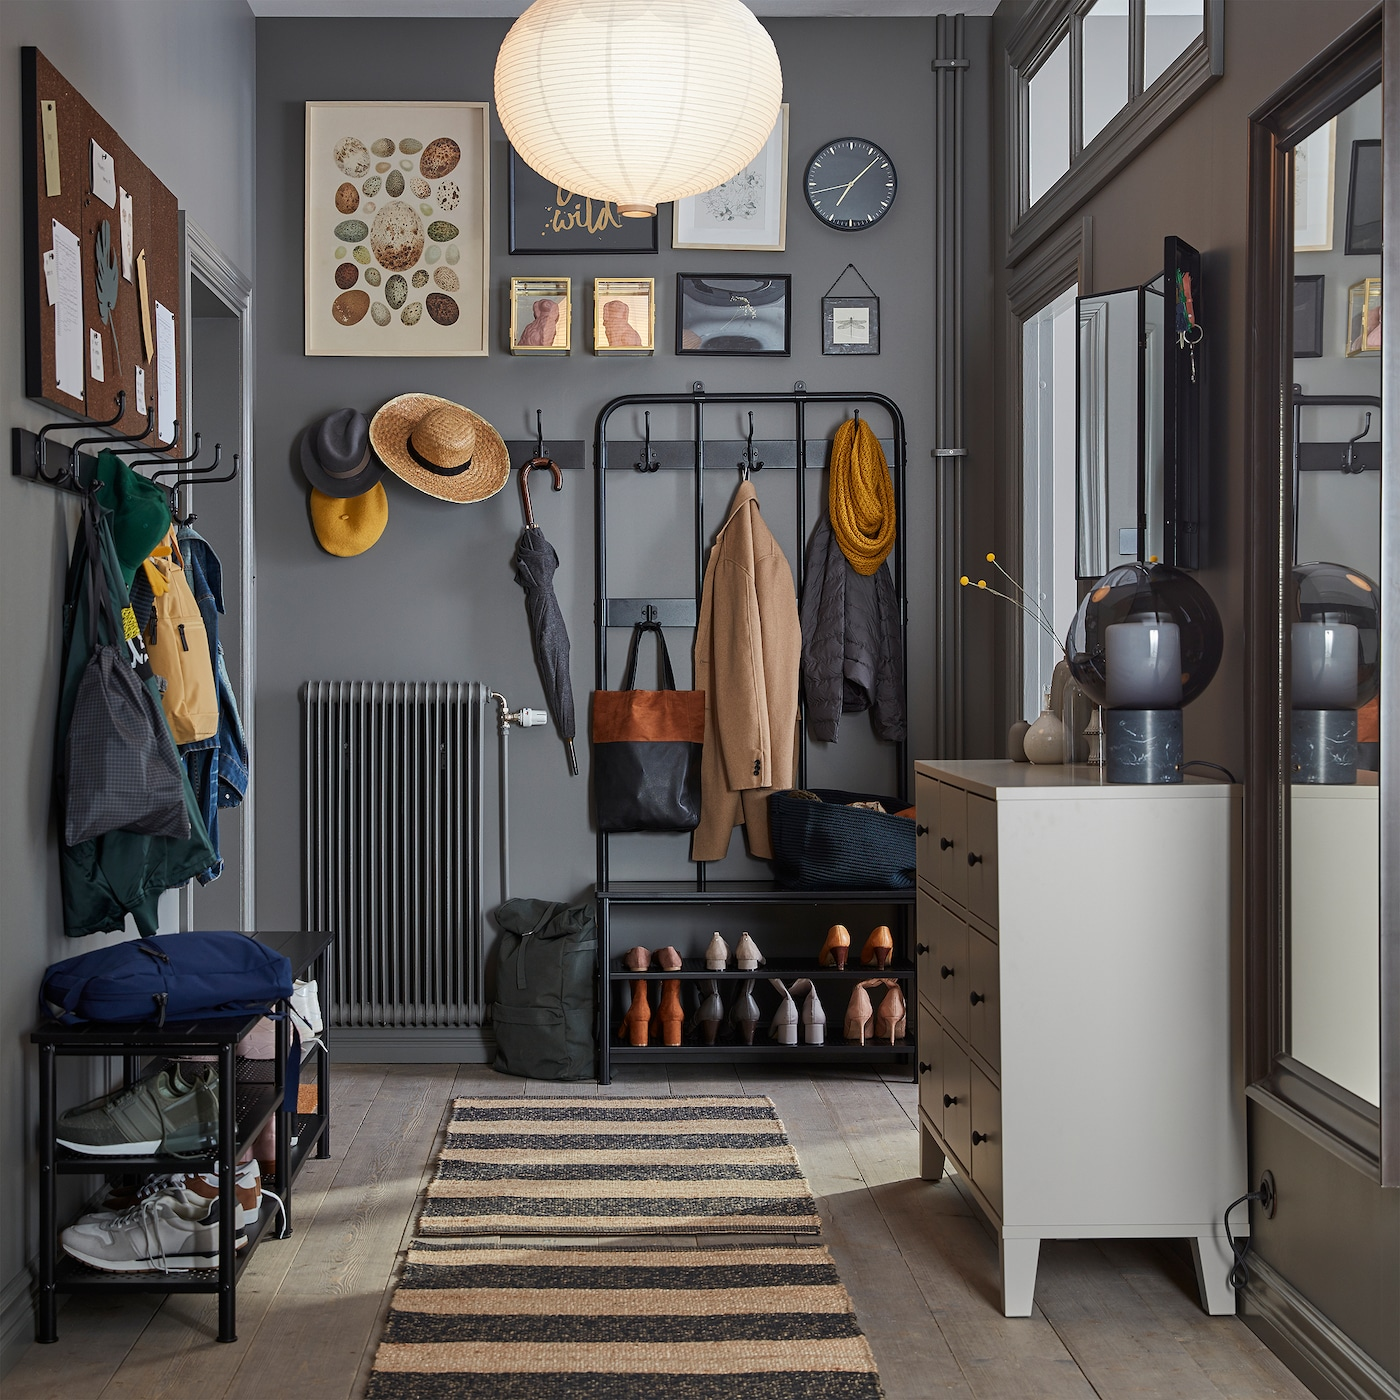 狭窄的灰色门厅配有条纹地毯,米色抽屉柜、全身镜和可放鞋的长凳。